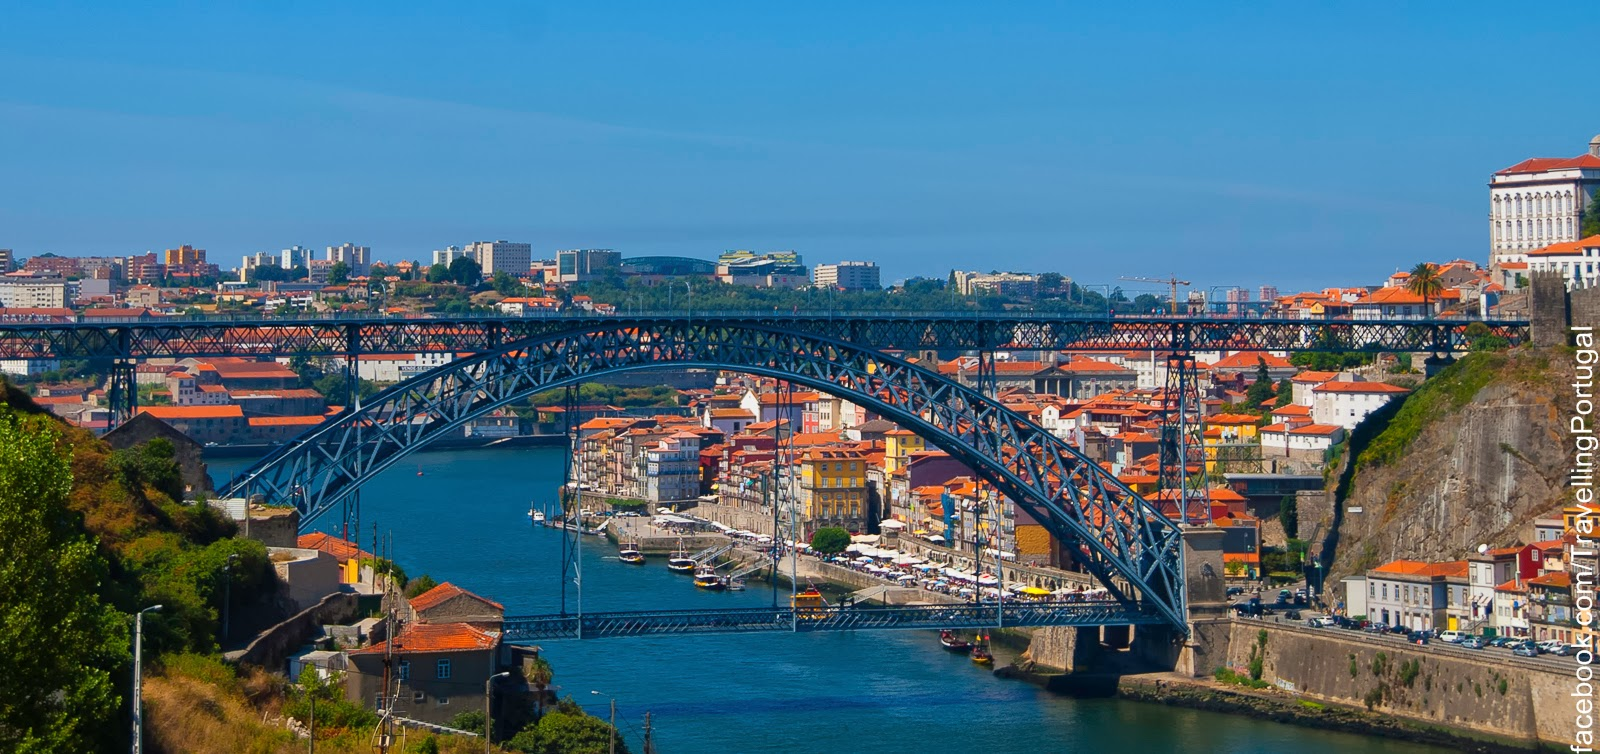 puente_luis_i